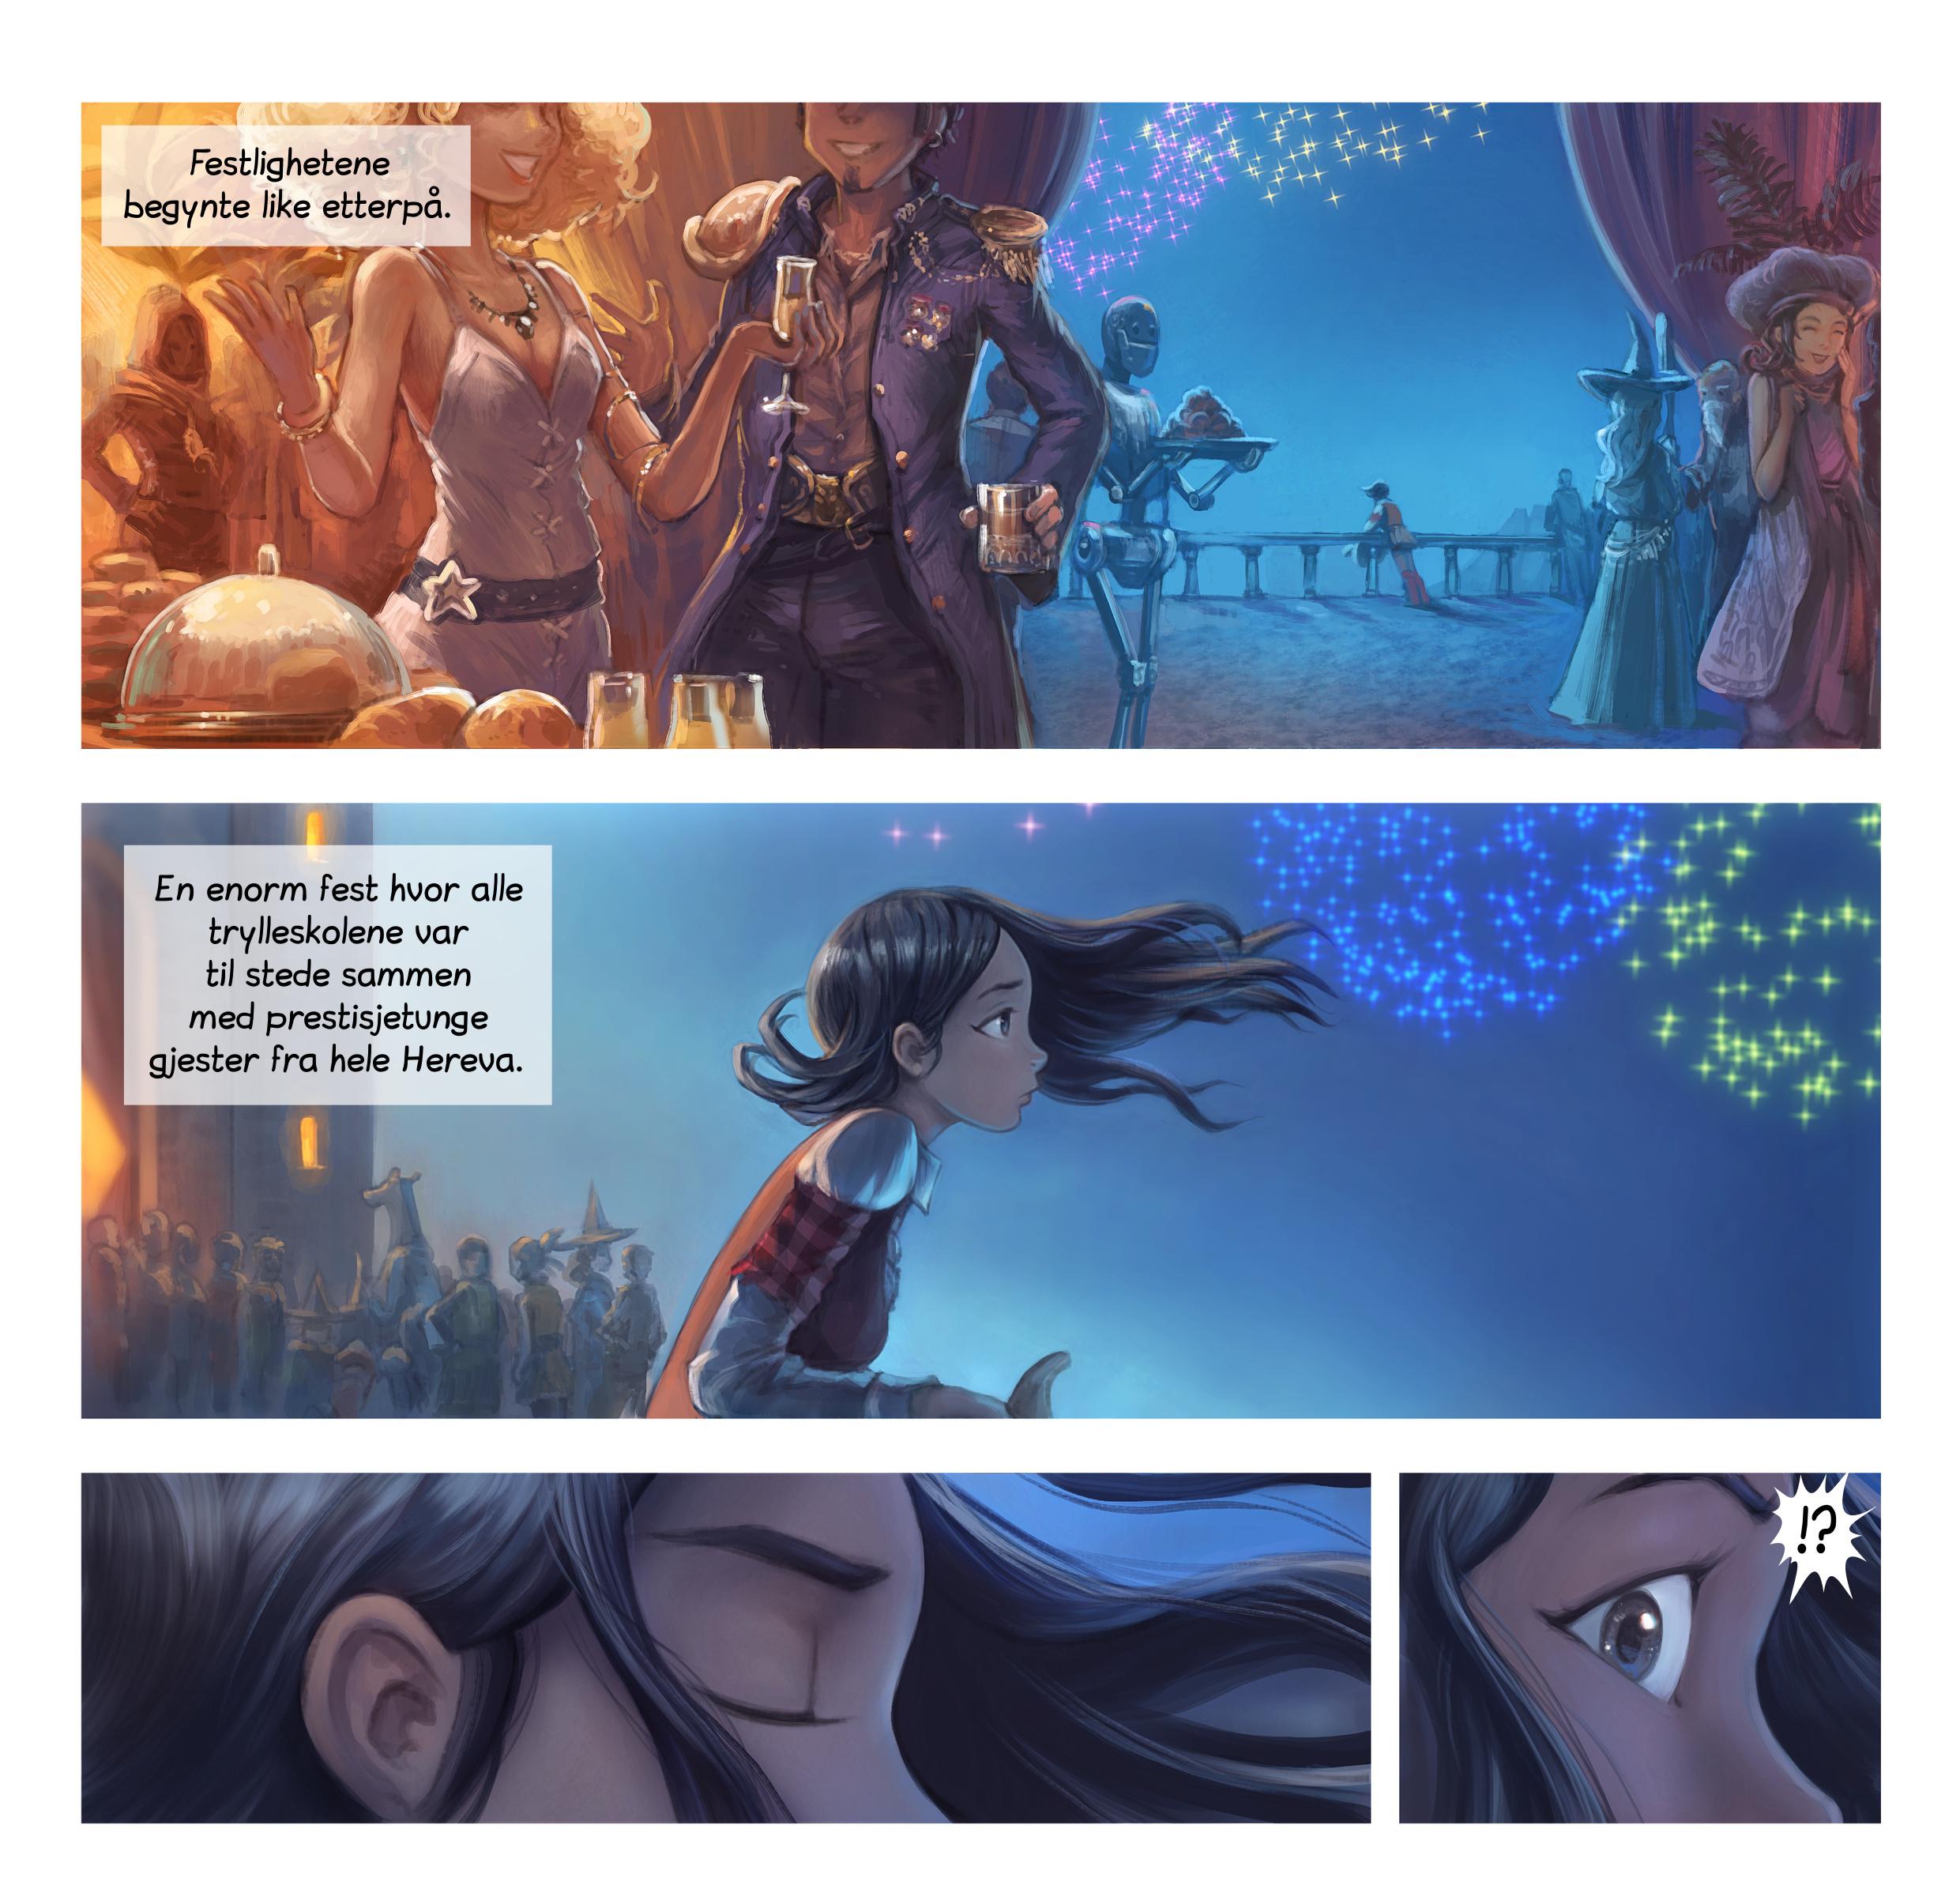 Episode 28: Festlighetene, Page 3